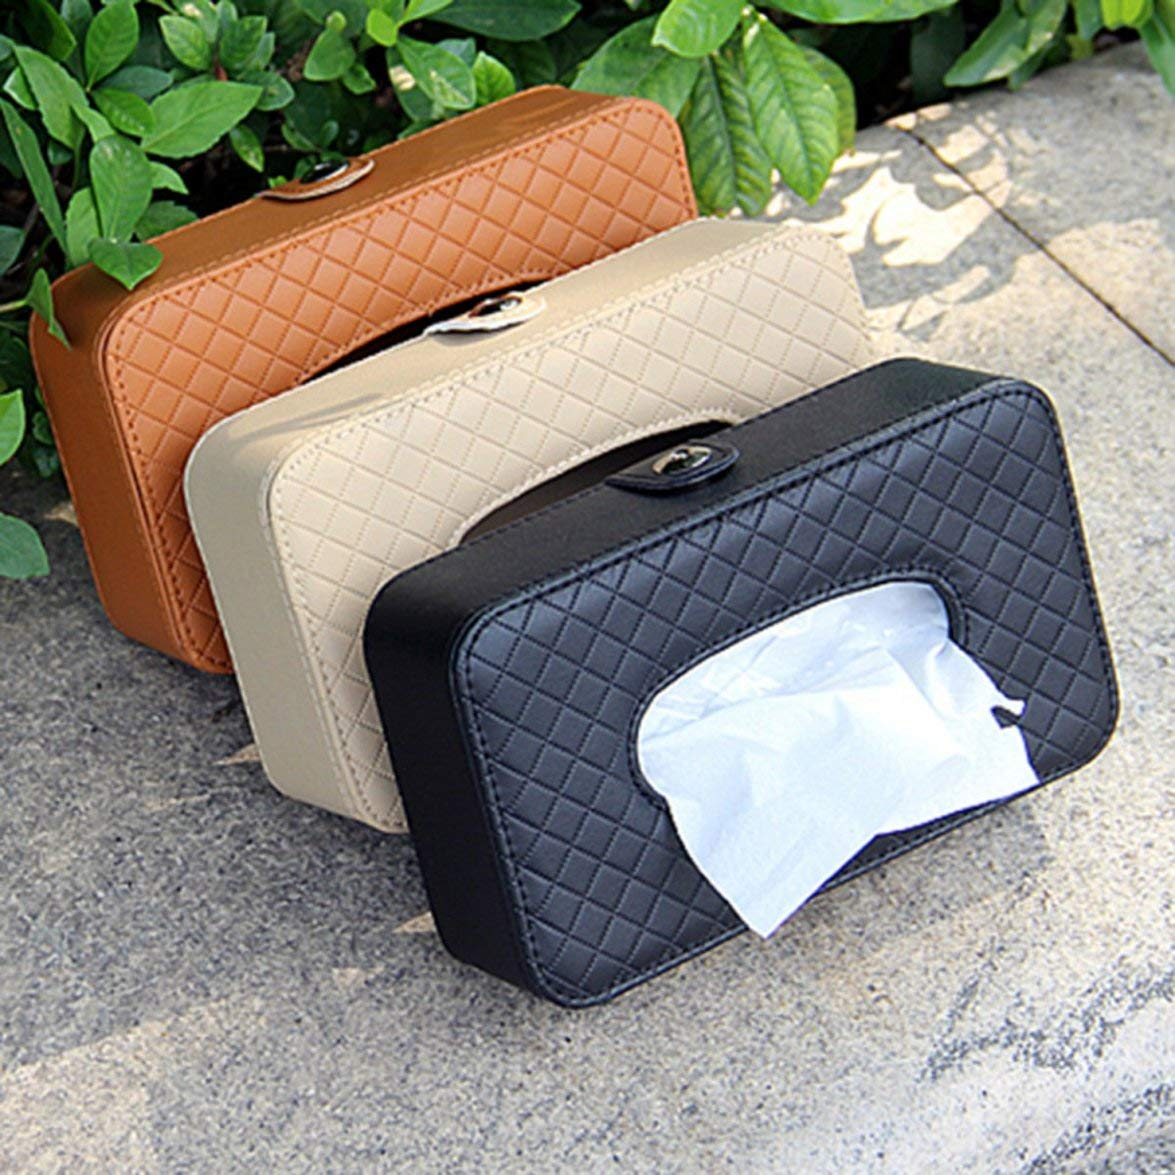 Kongqiabona Car Sac /à mouchoirs en Cuir Voiture Pare-Soleil Bo/îte /à mouchoirs Bo/îte /à mouchoirs Accessoires pour Voiture